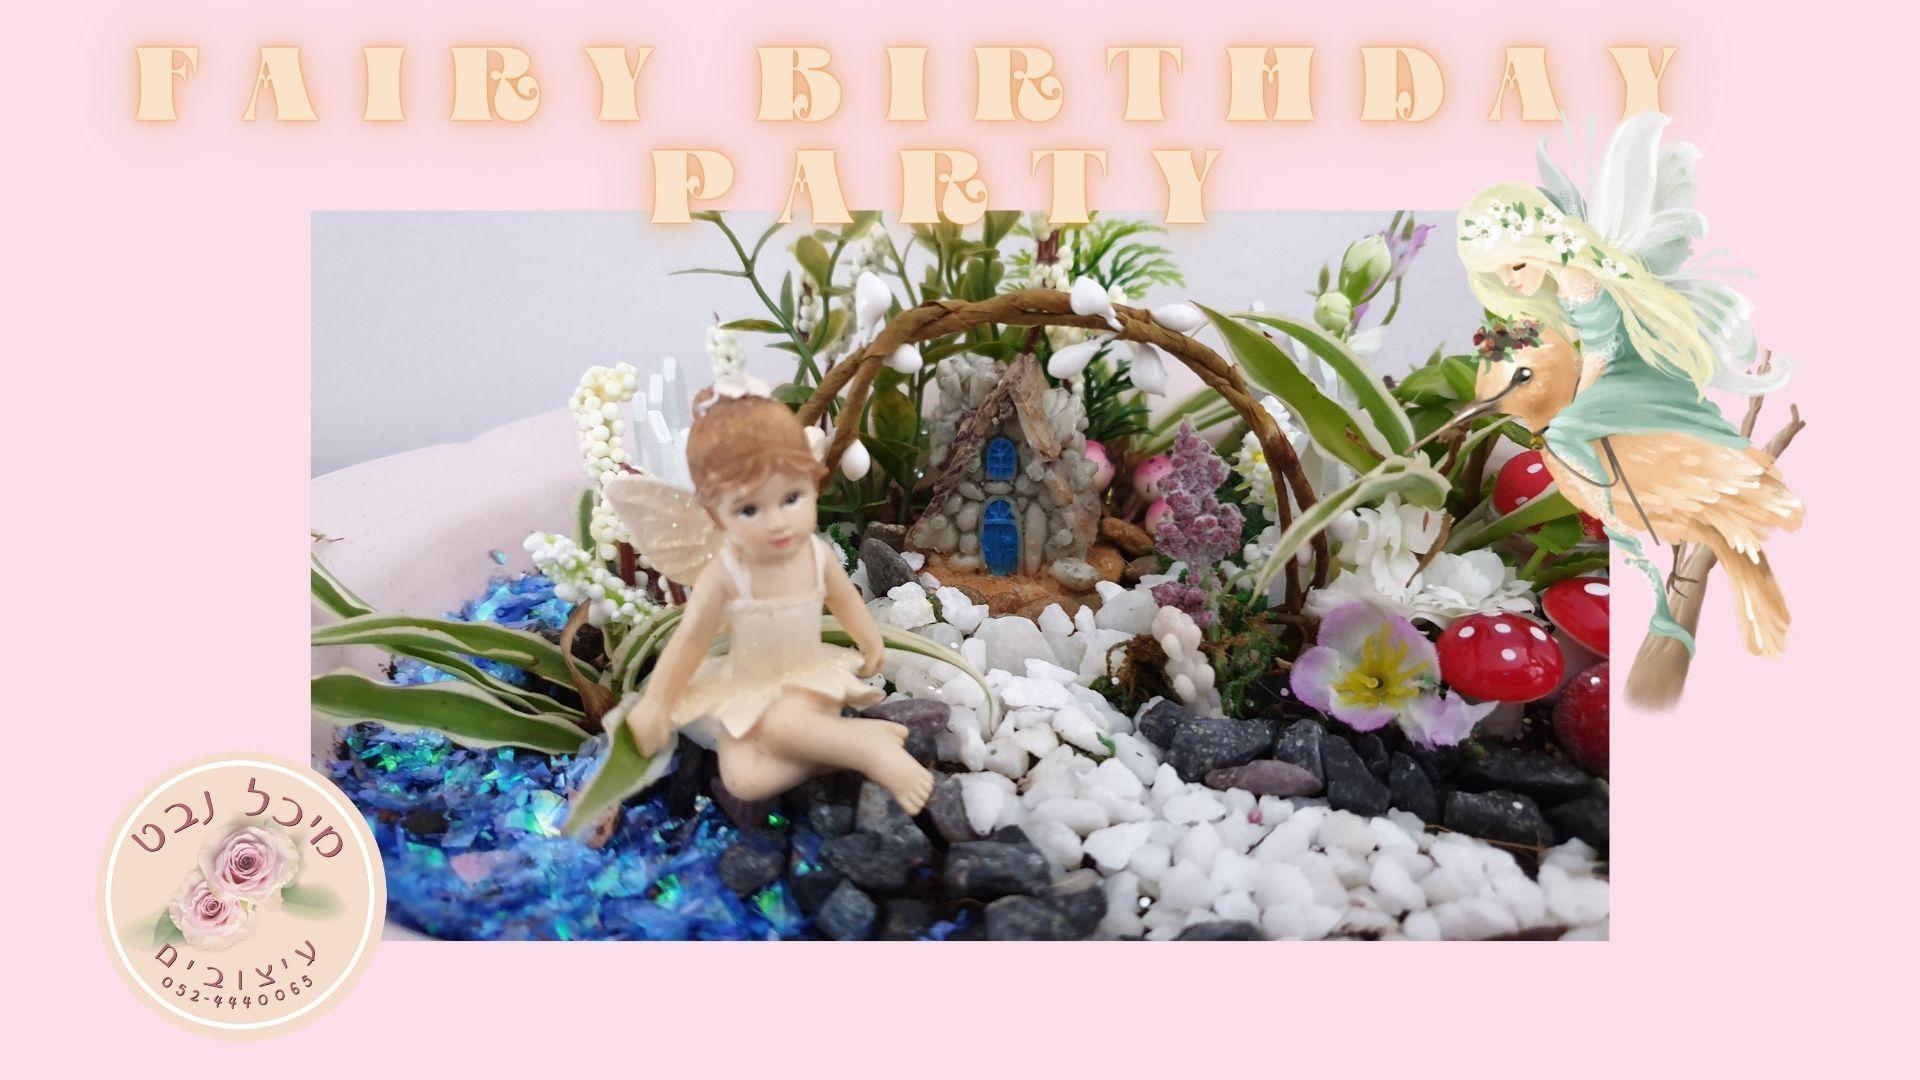 יום הולדת גינת פיות, איך חוגגים יום הולדת פיות?